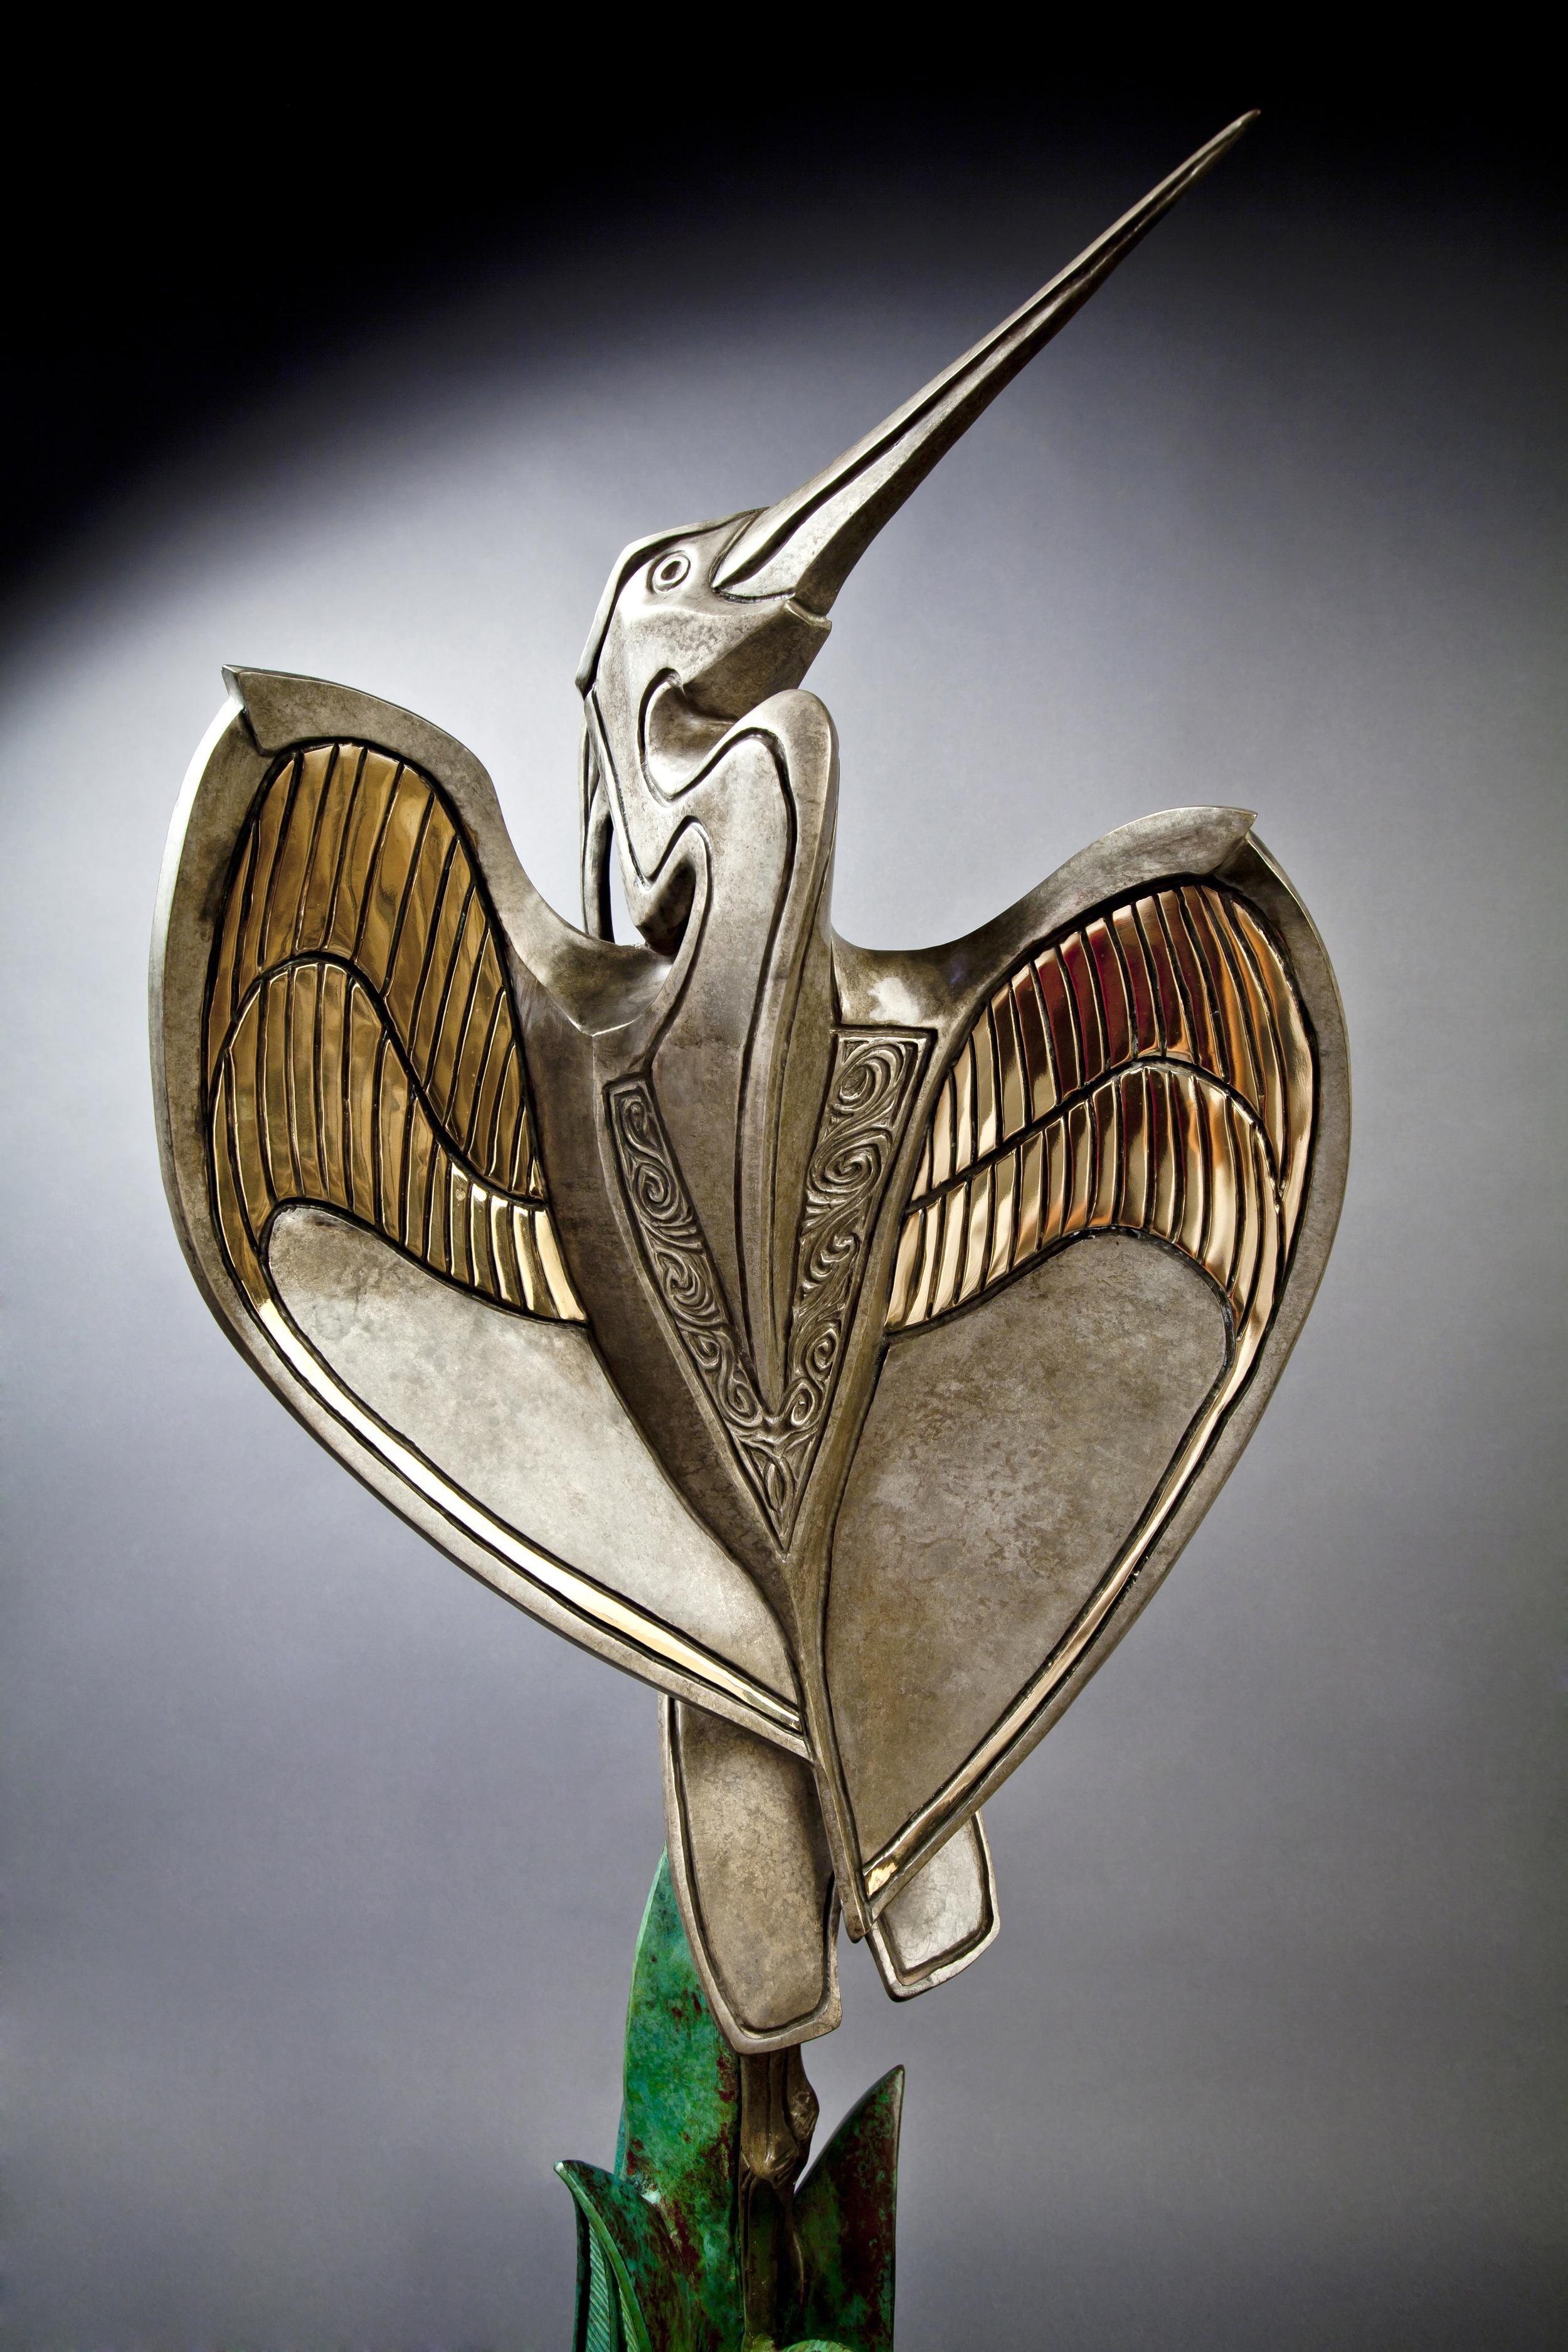 Bronze-Heron-by-John-Maisano-1.jpg